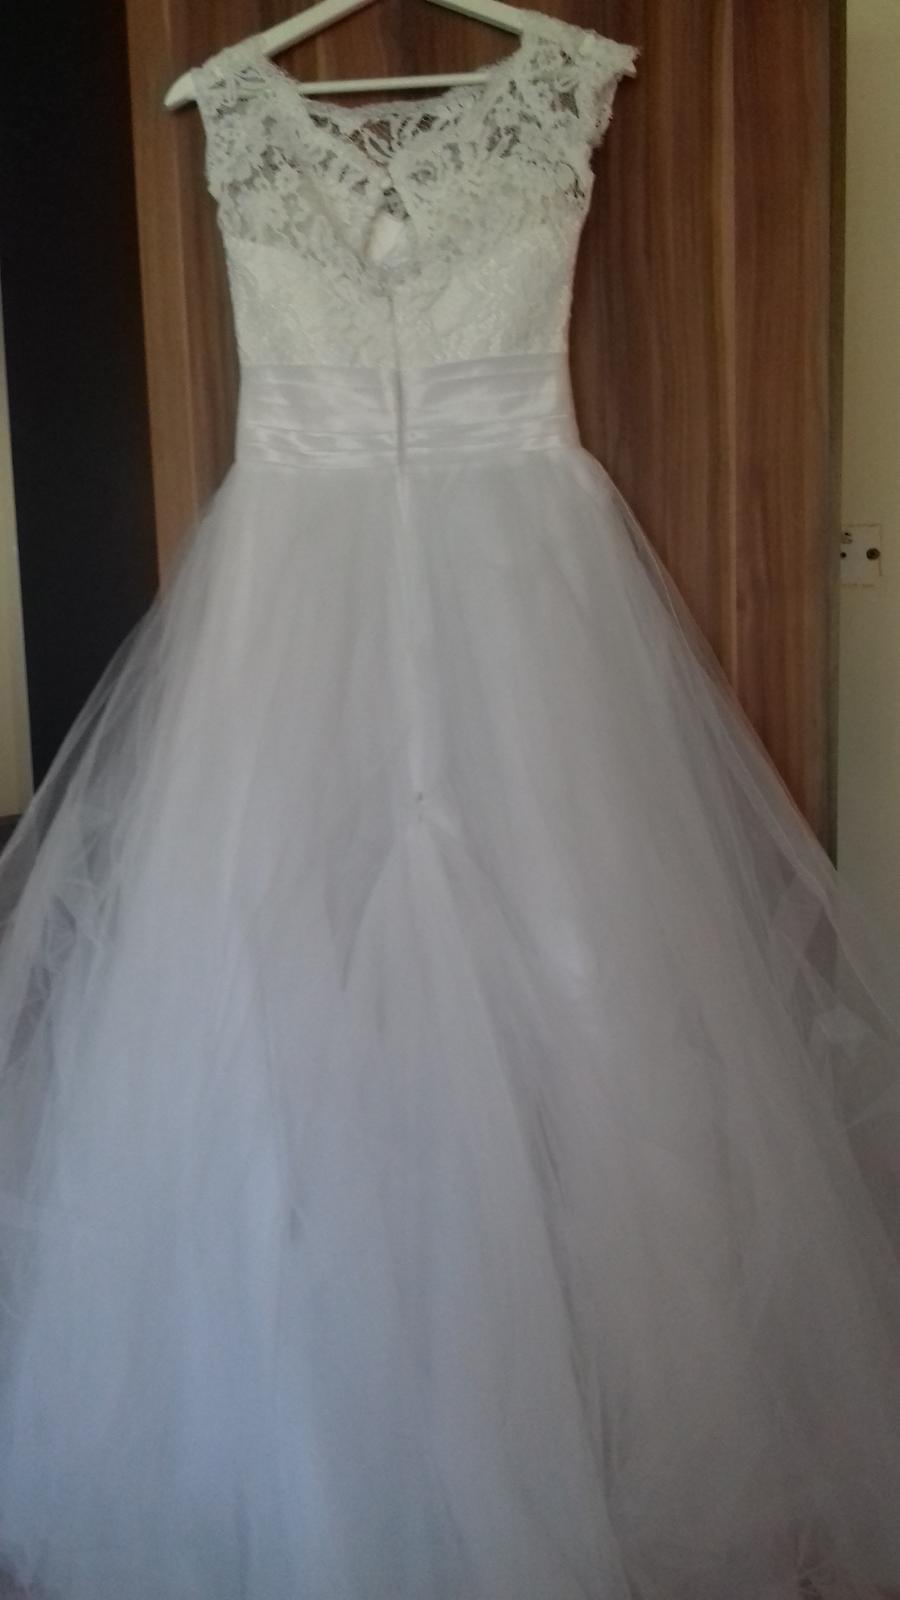 Svadobné šaty pre nižšiu nevestu - Obrázok č. 4